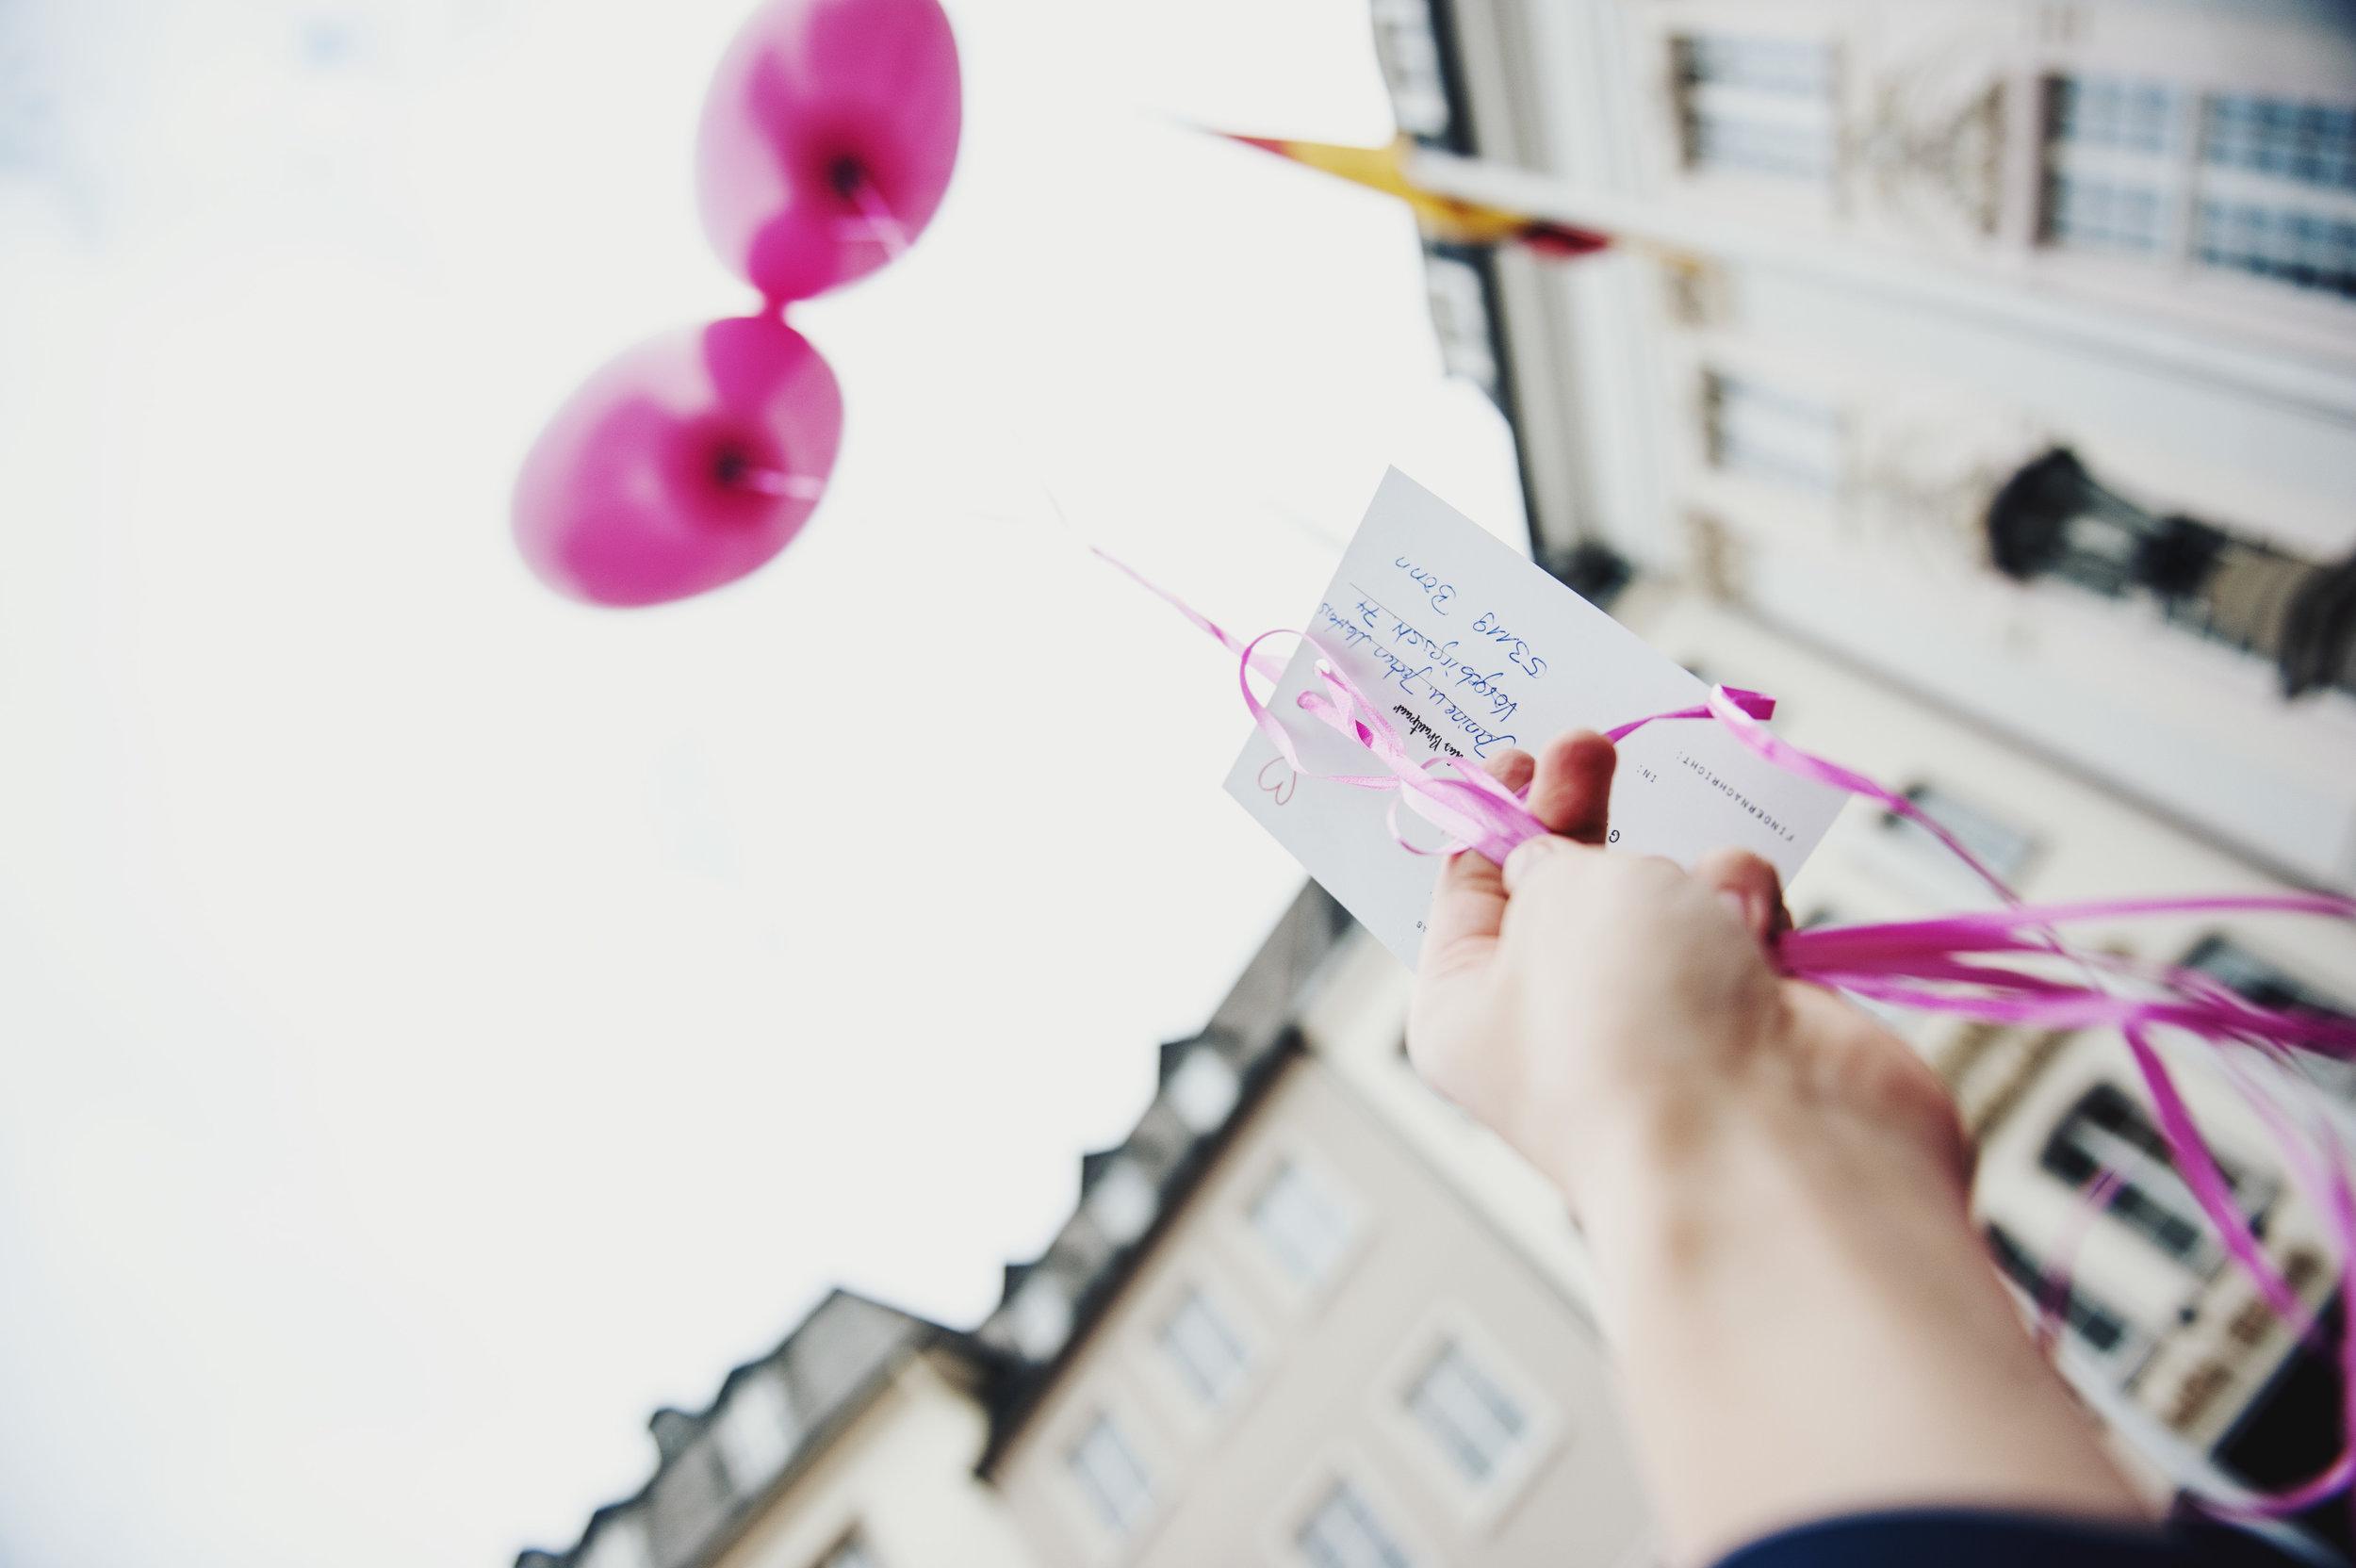 hochzeit-ballons-fliegen-lassen-bonn.jpg